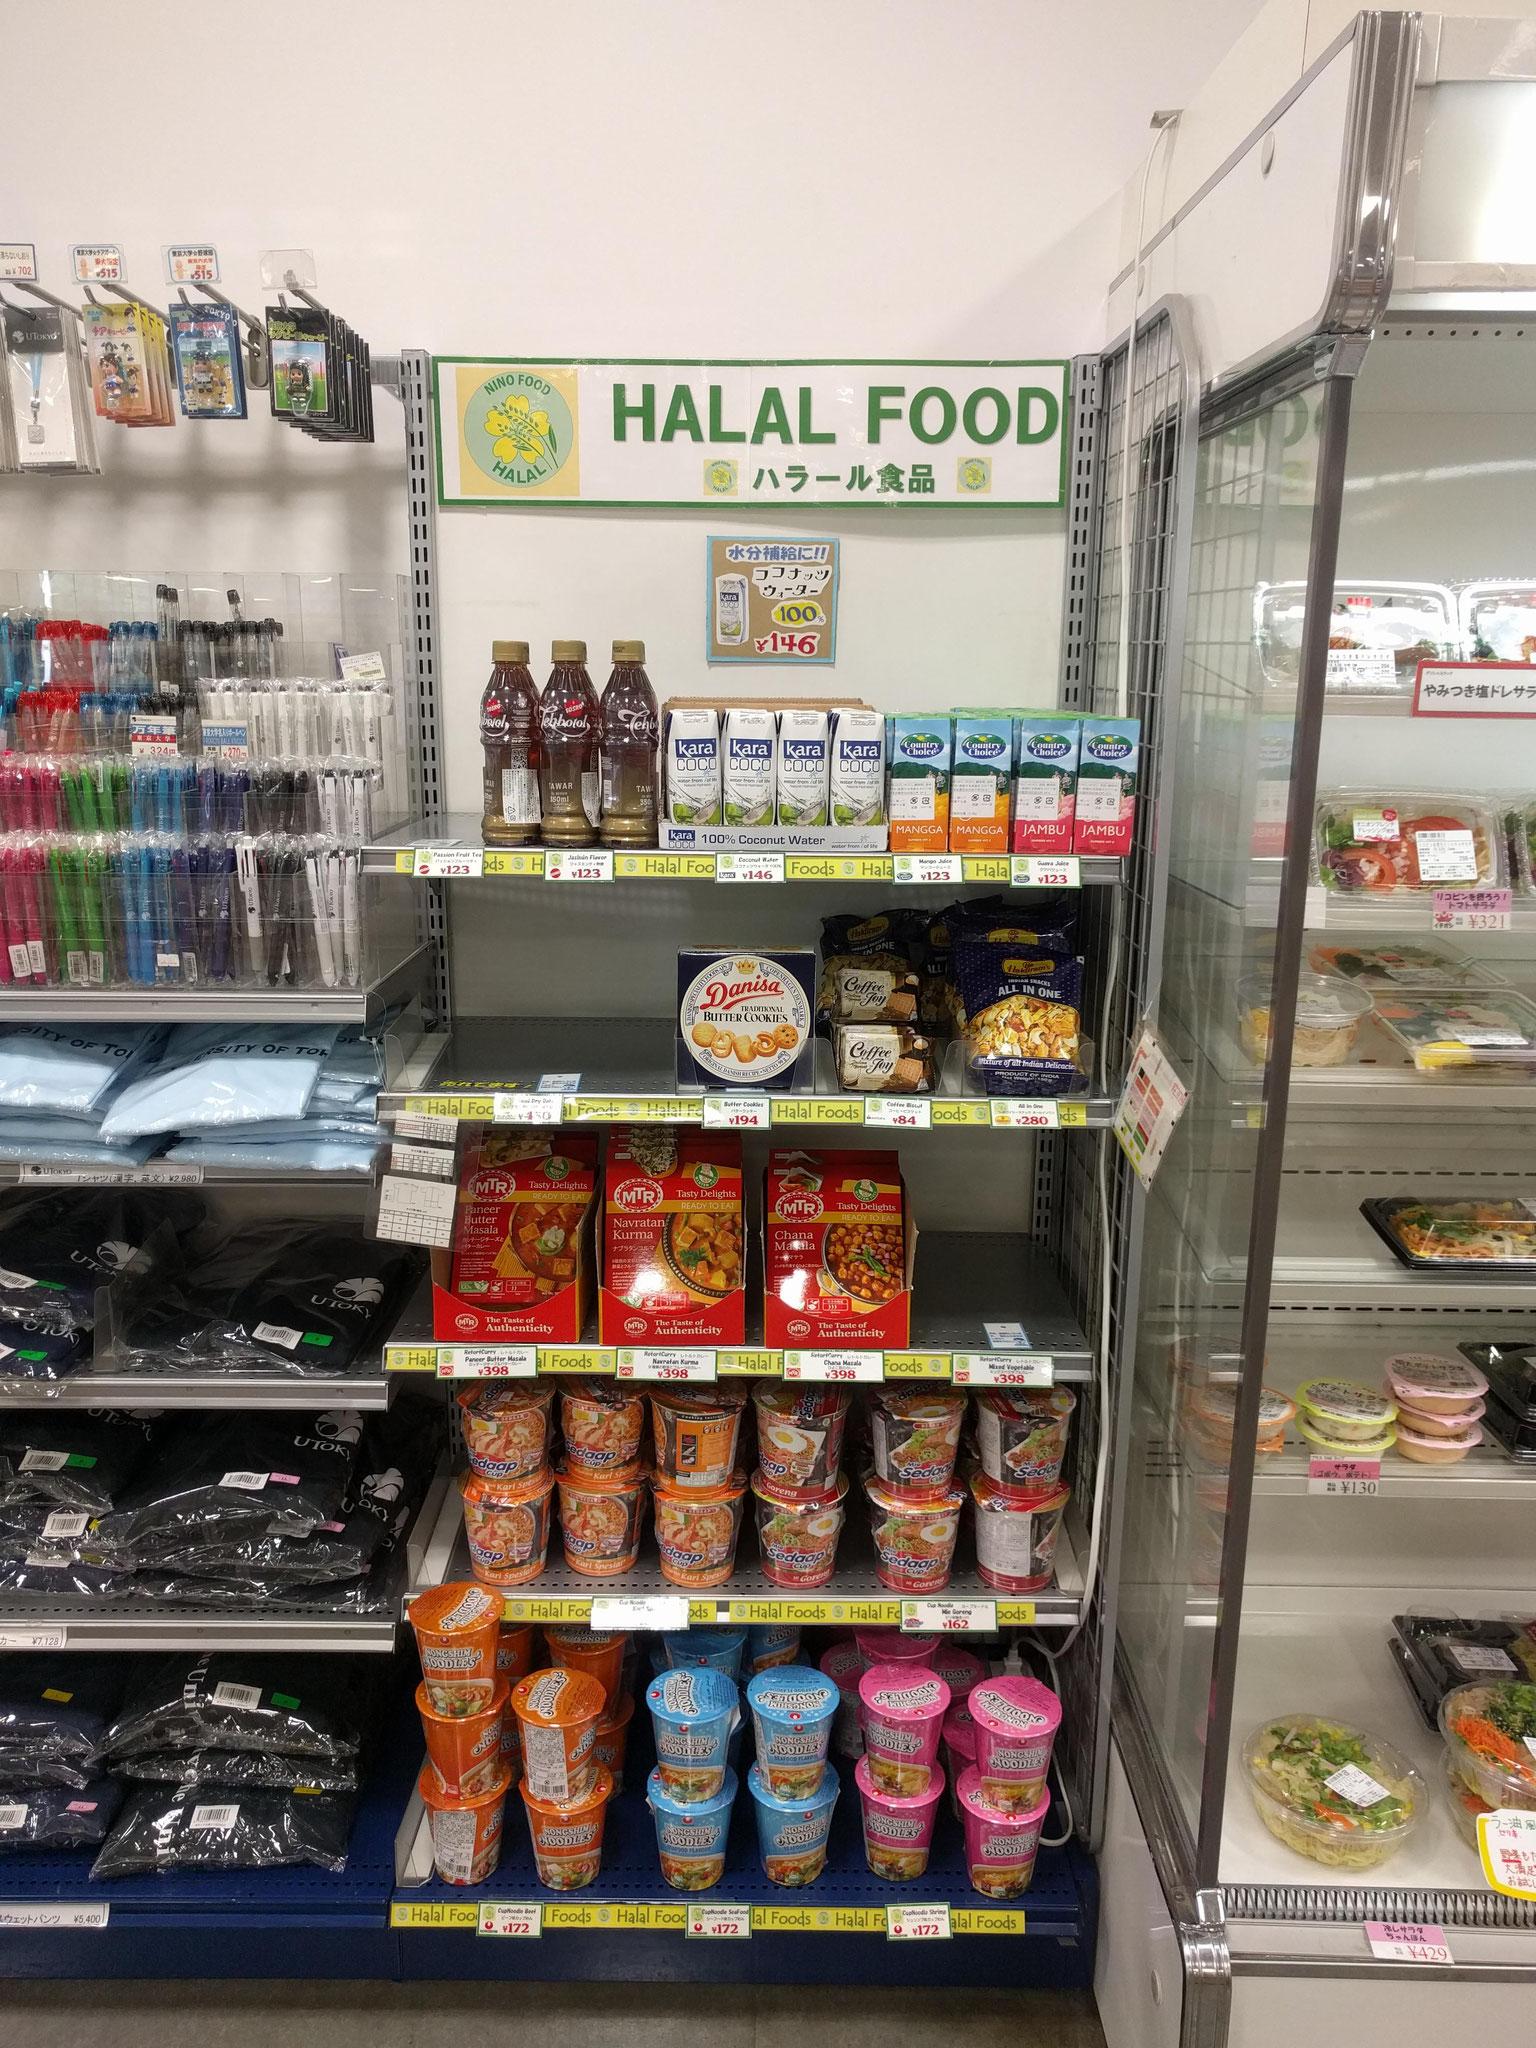 生協購買部「ハラール食品」コーナー